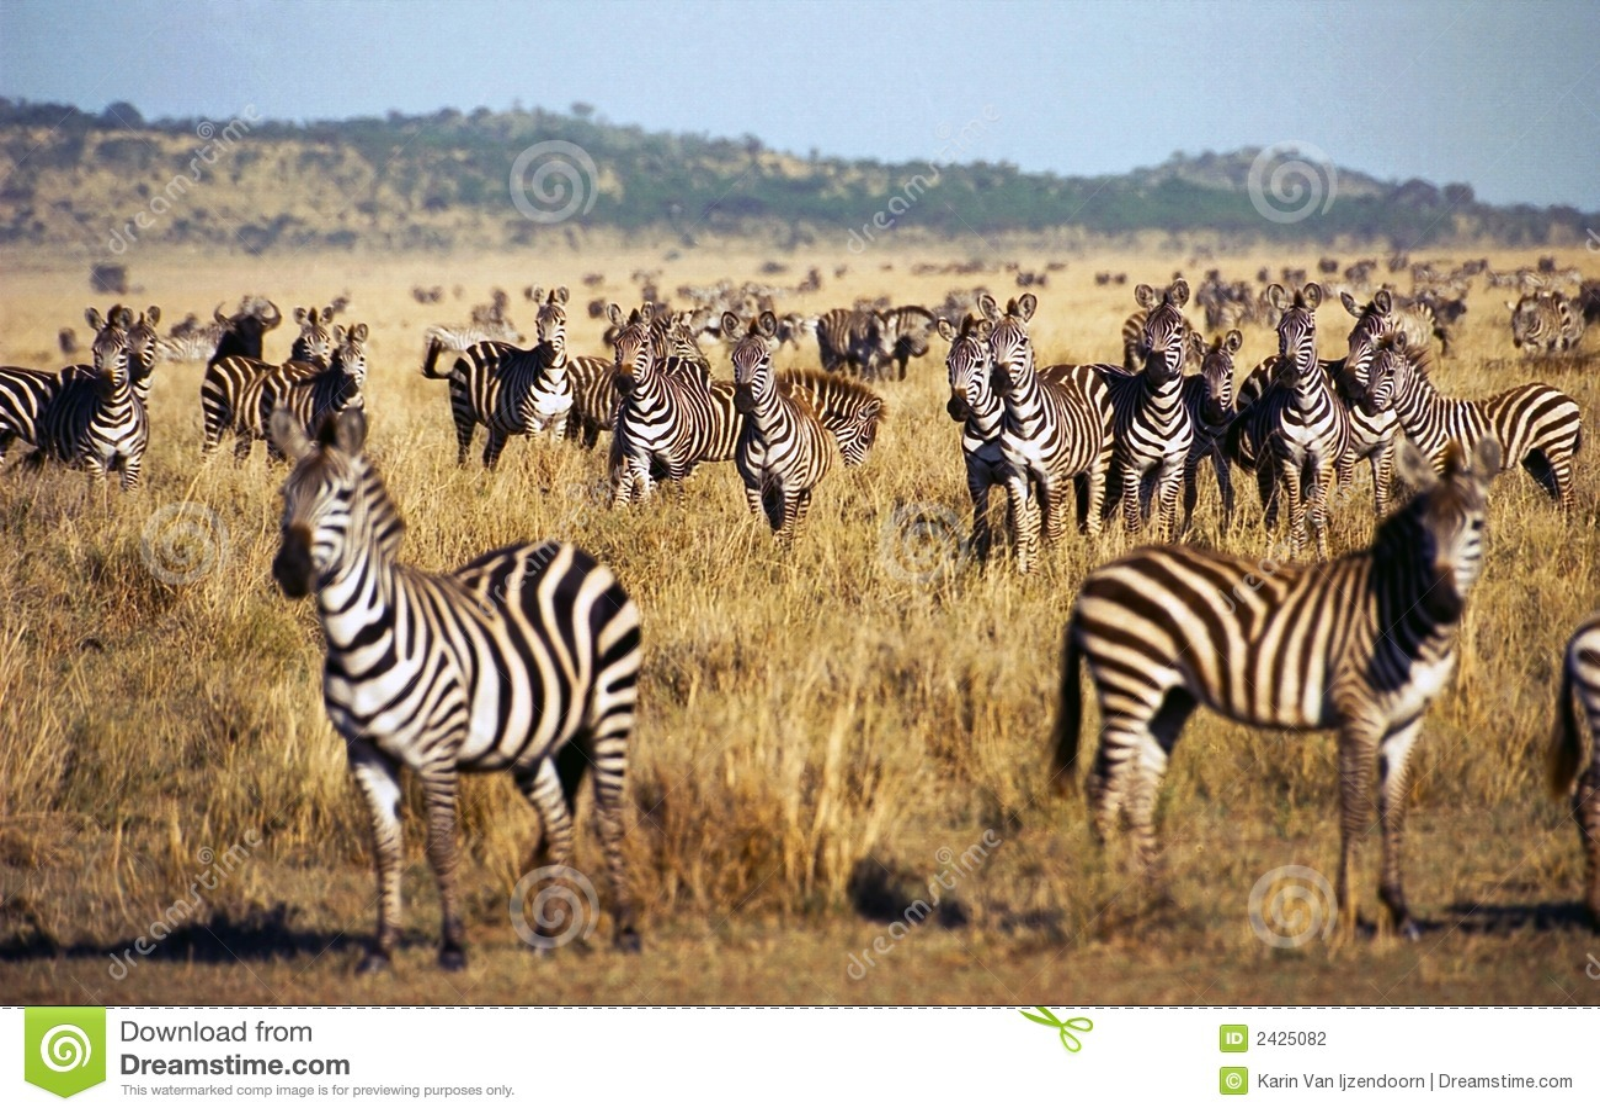 Rebanho da zebra durante a migração